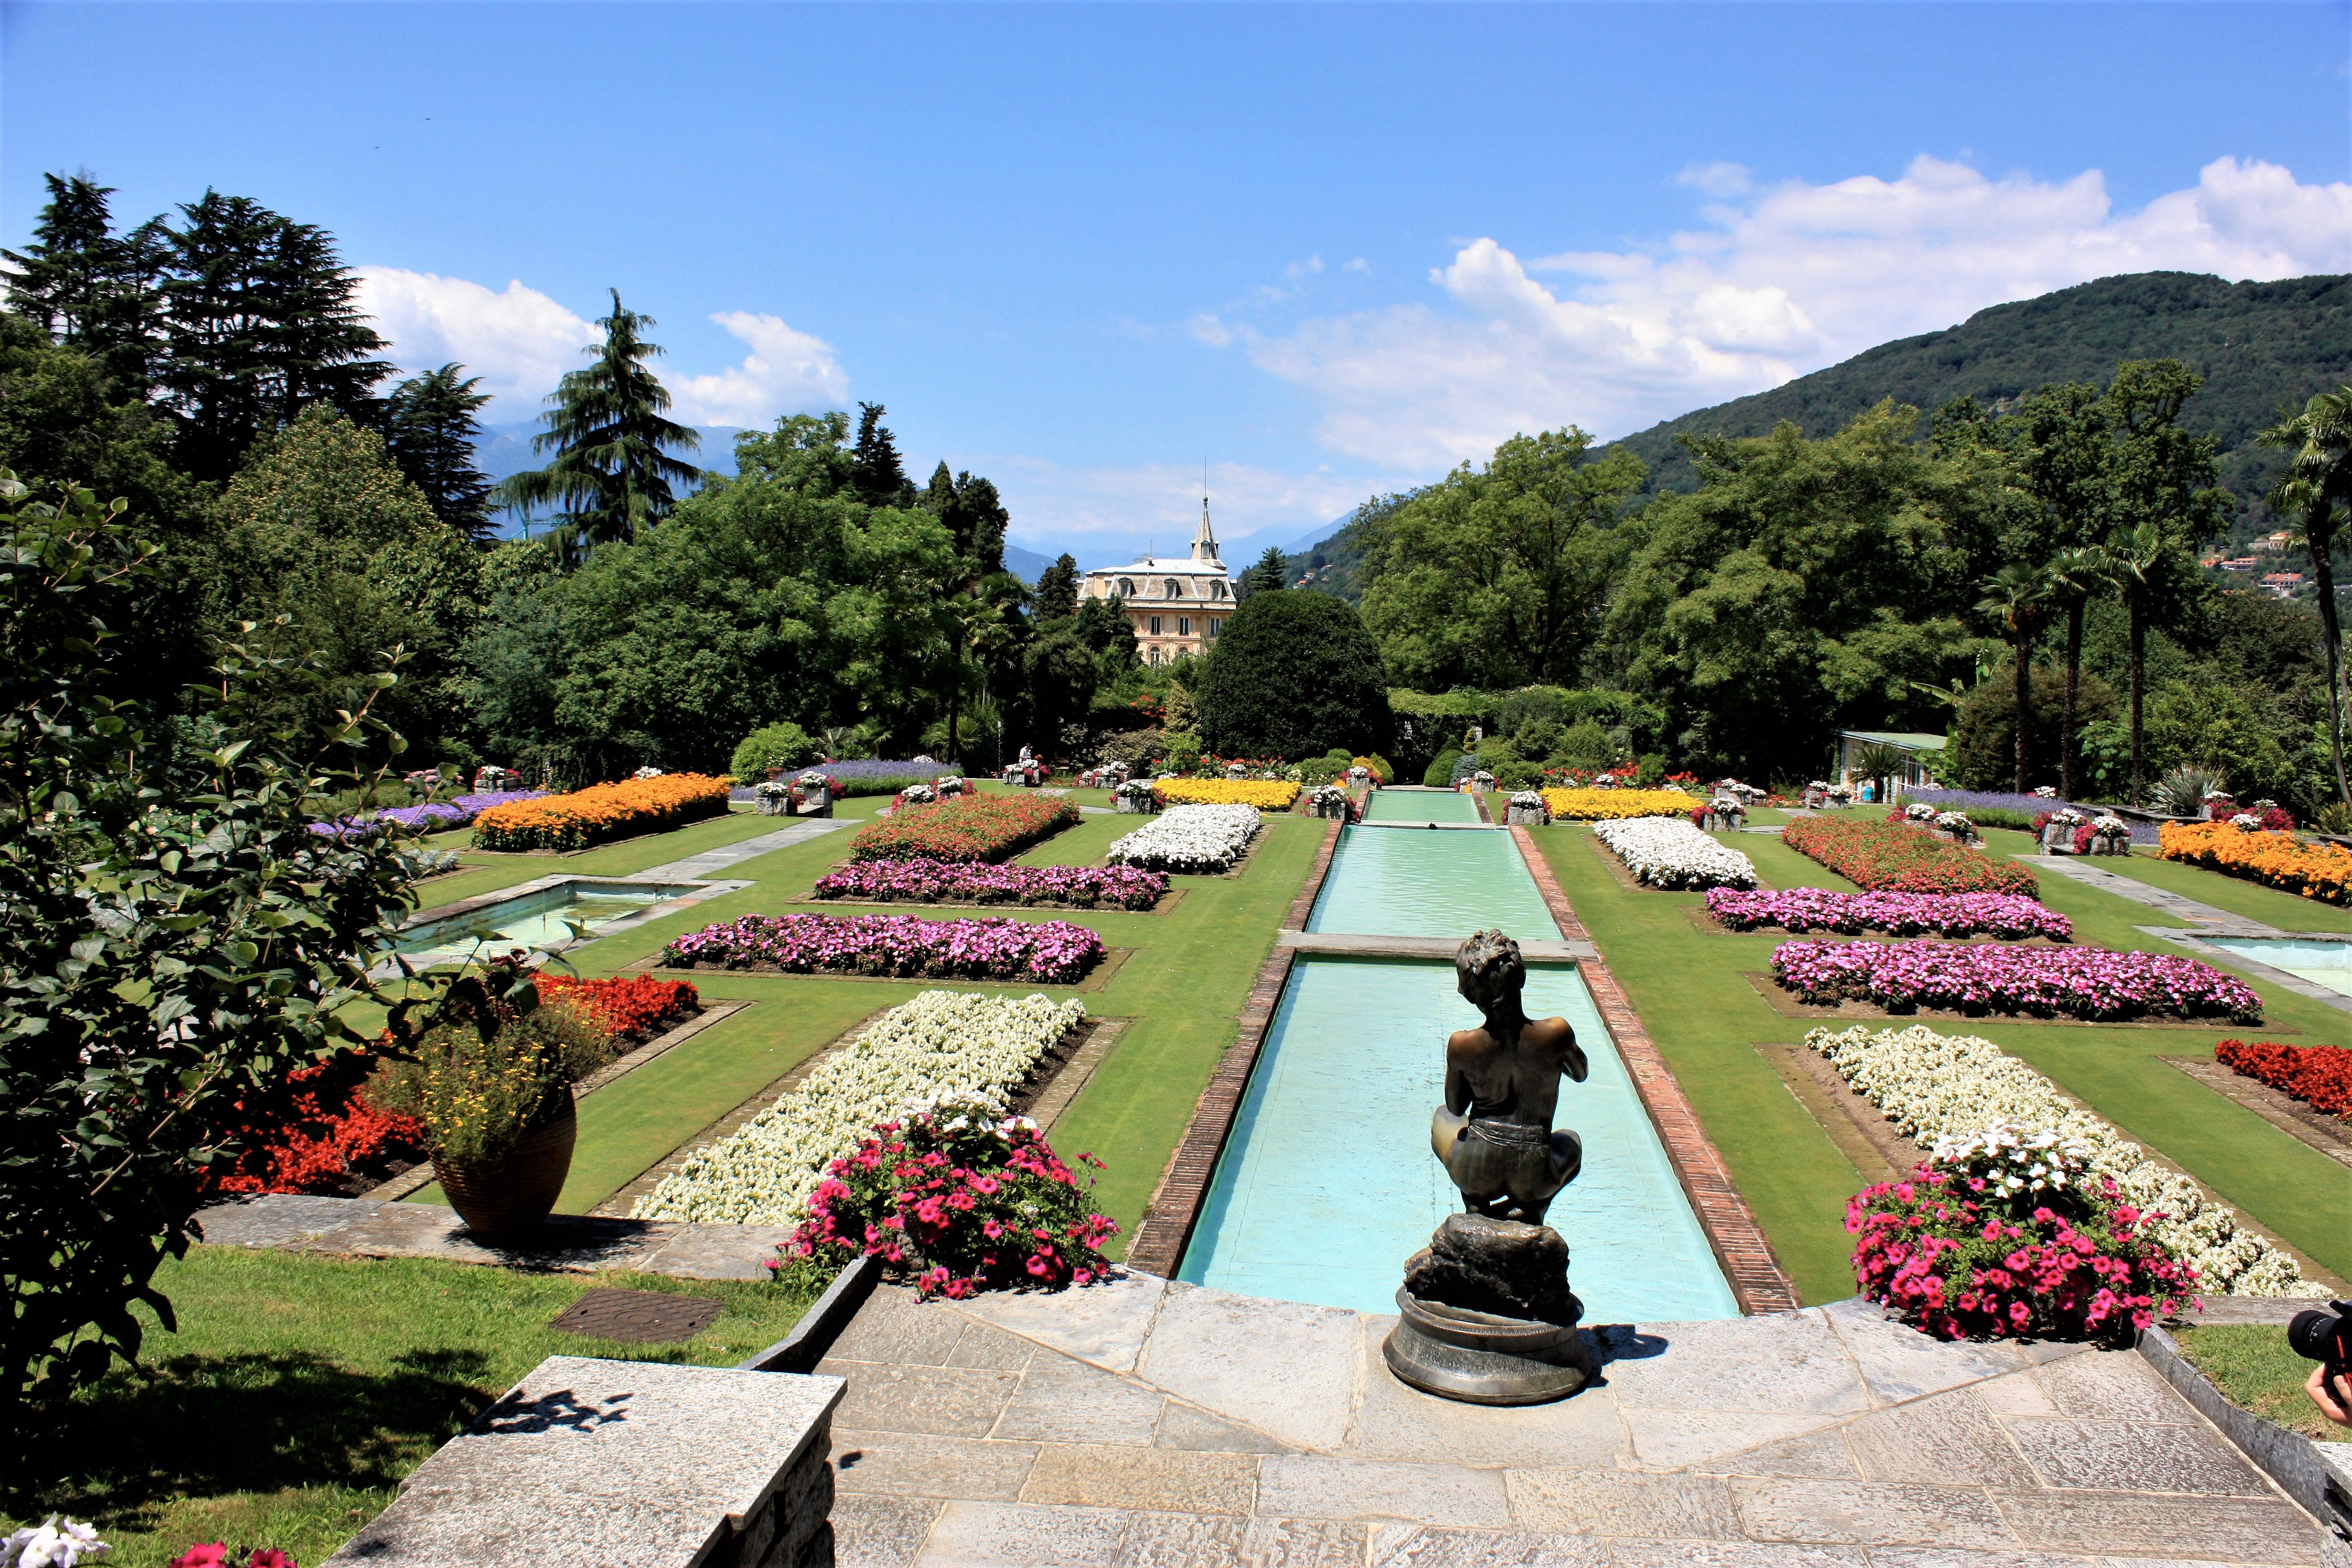 Uno scatto del giardino di Villa Taranto a Verbania